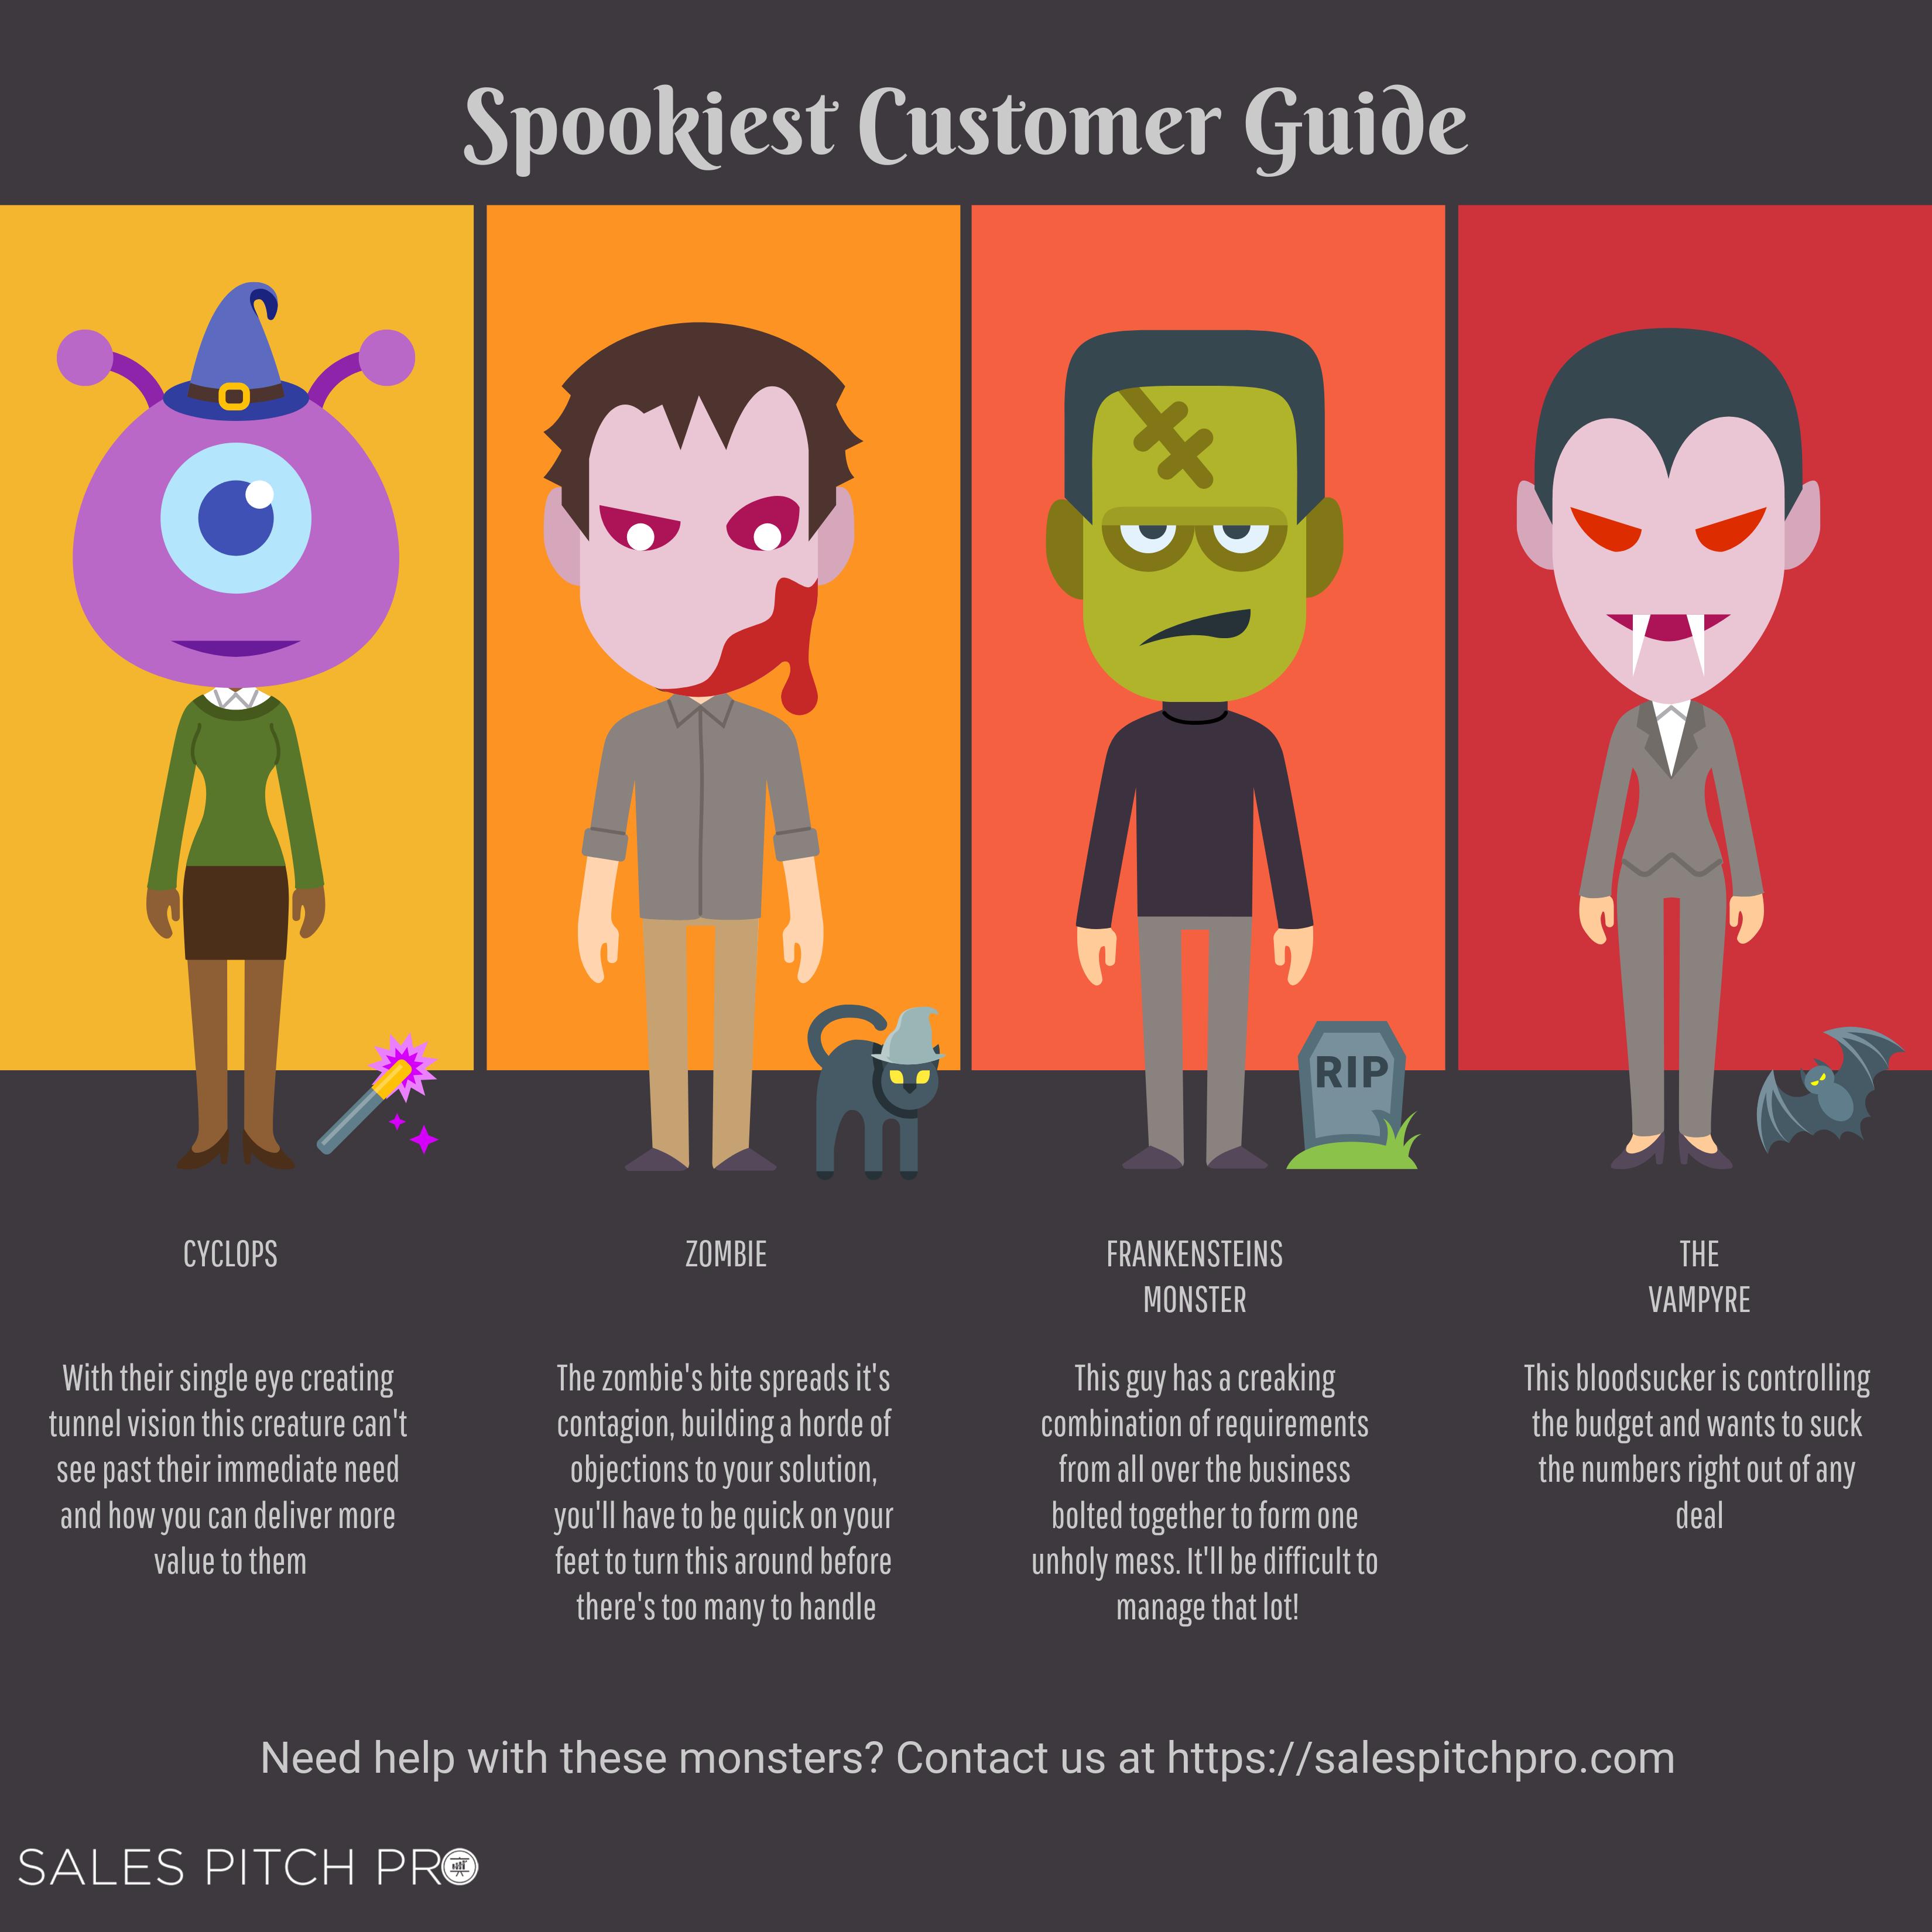 Spookiest Customer Guide